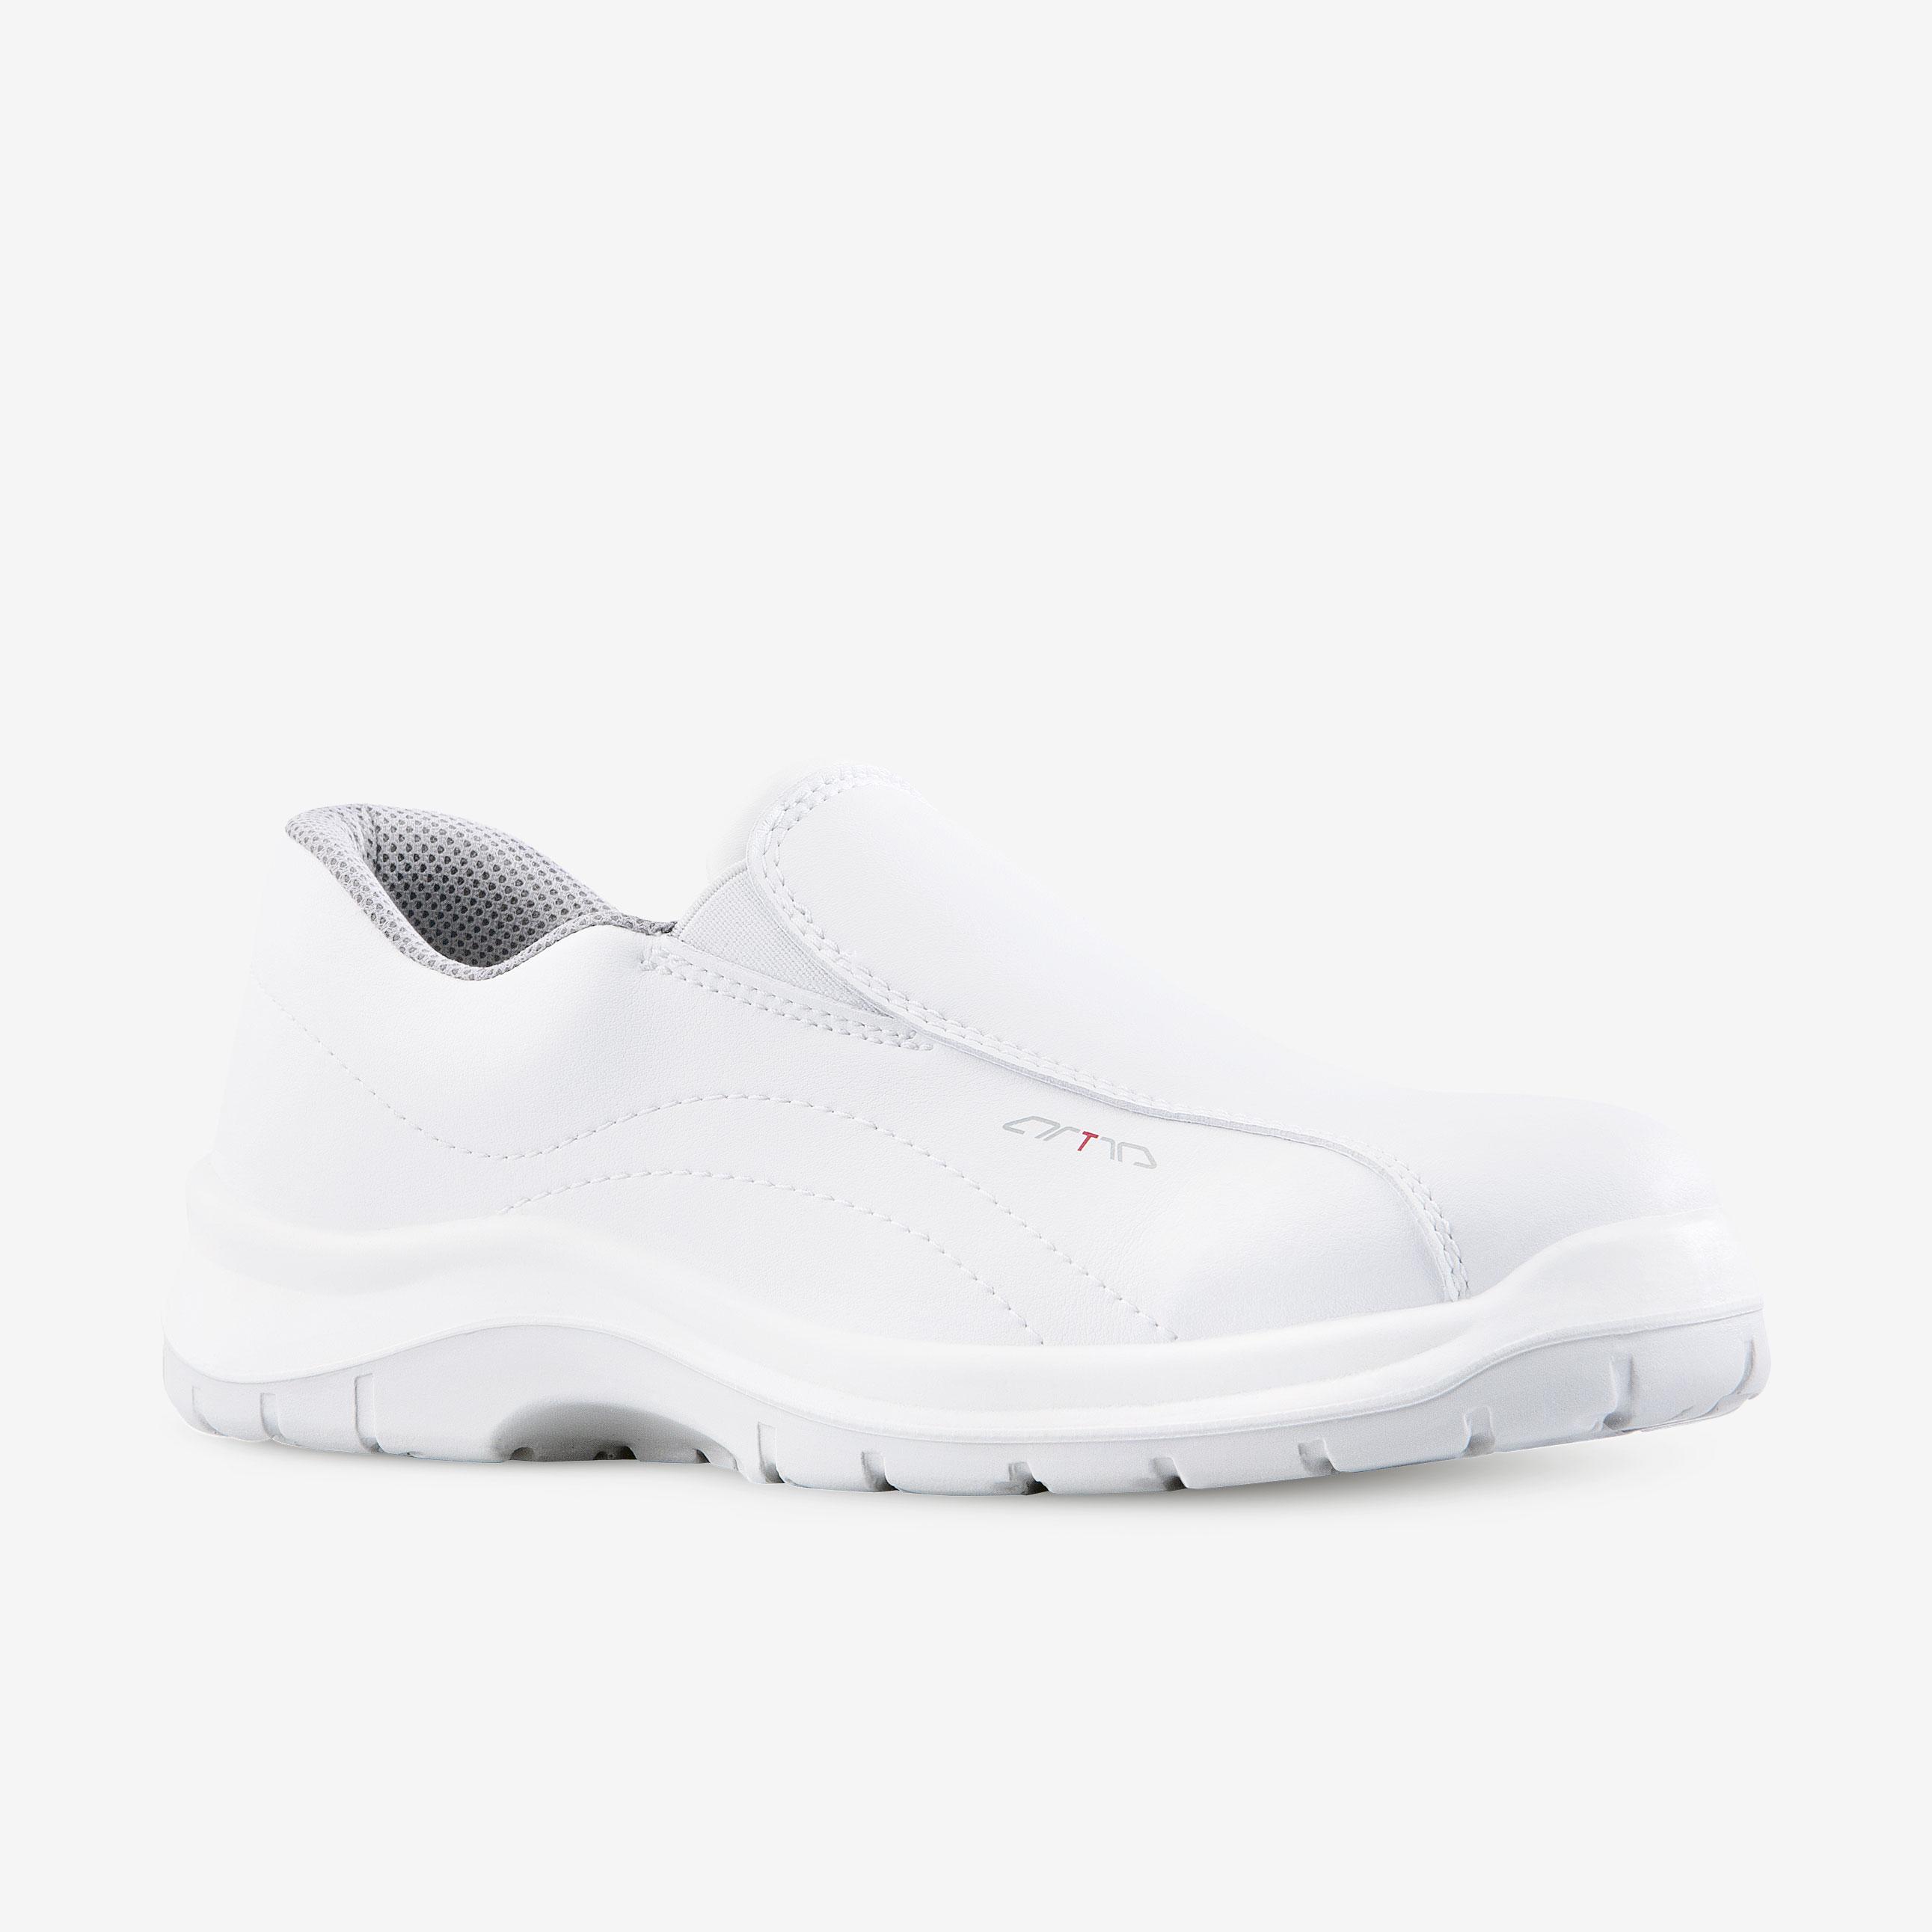 670a9361130c ARTRA Gastro & Medical ARICA 620 1010 O2 FO lábbeli, cipő